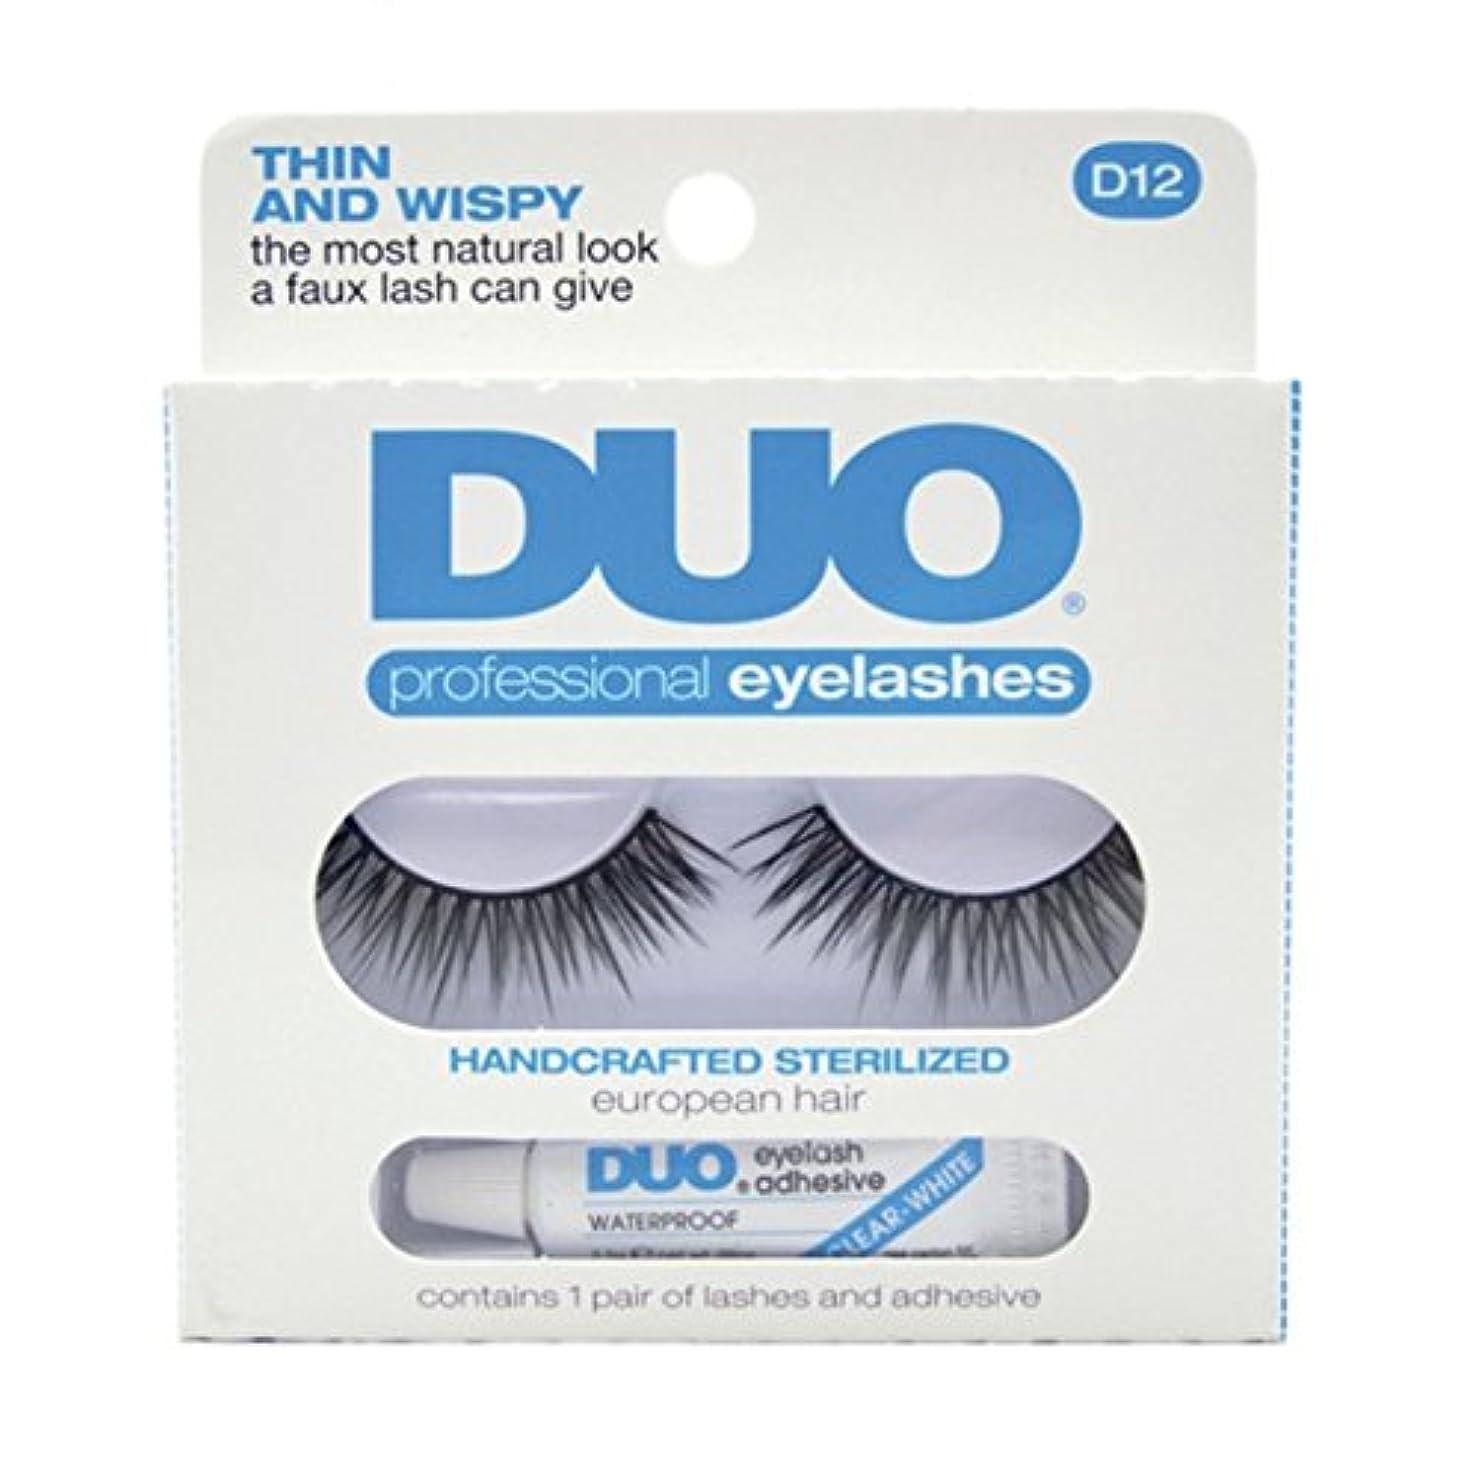 成功したしなければならないクマノミDUO Eyelash Adhesive Think and Wispy D12 Eyelashes Thin and Wispy (並行輸入品)